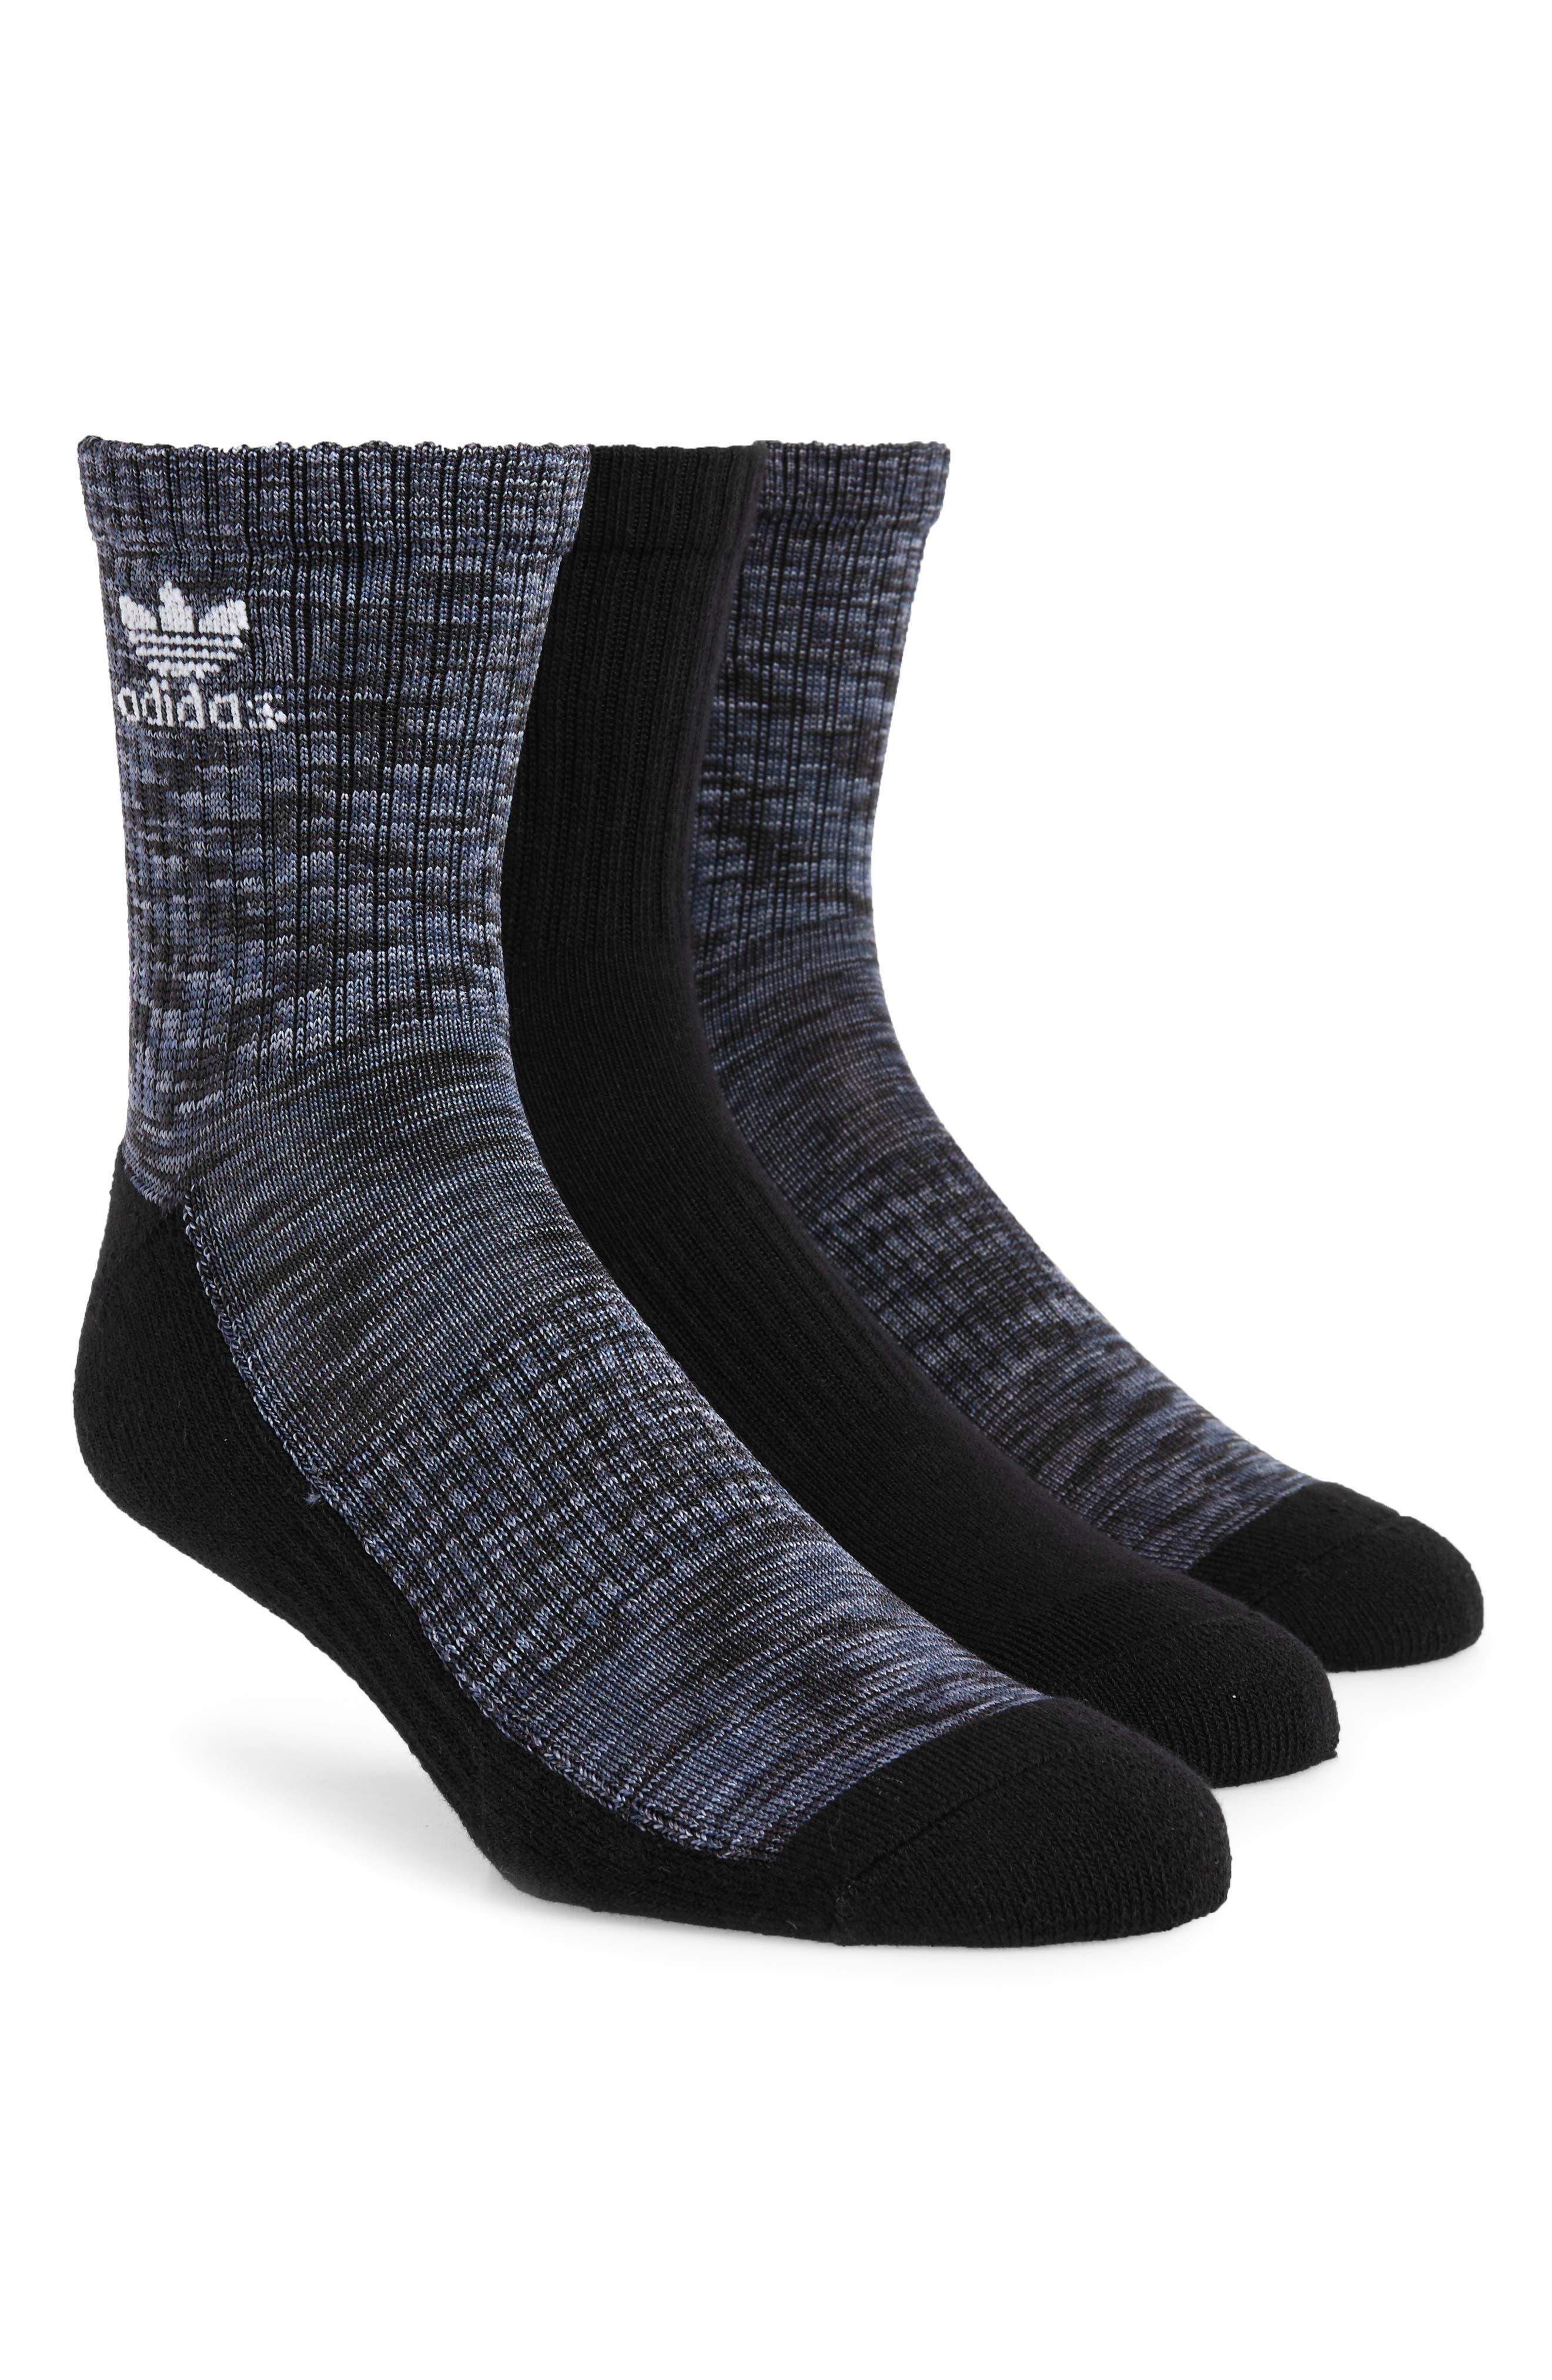 Space Dye Trefoil 3-Pack Socks,                             Main thumbnail 1, color,                             001